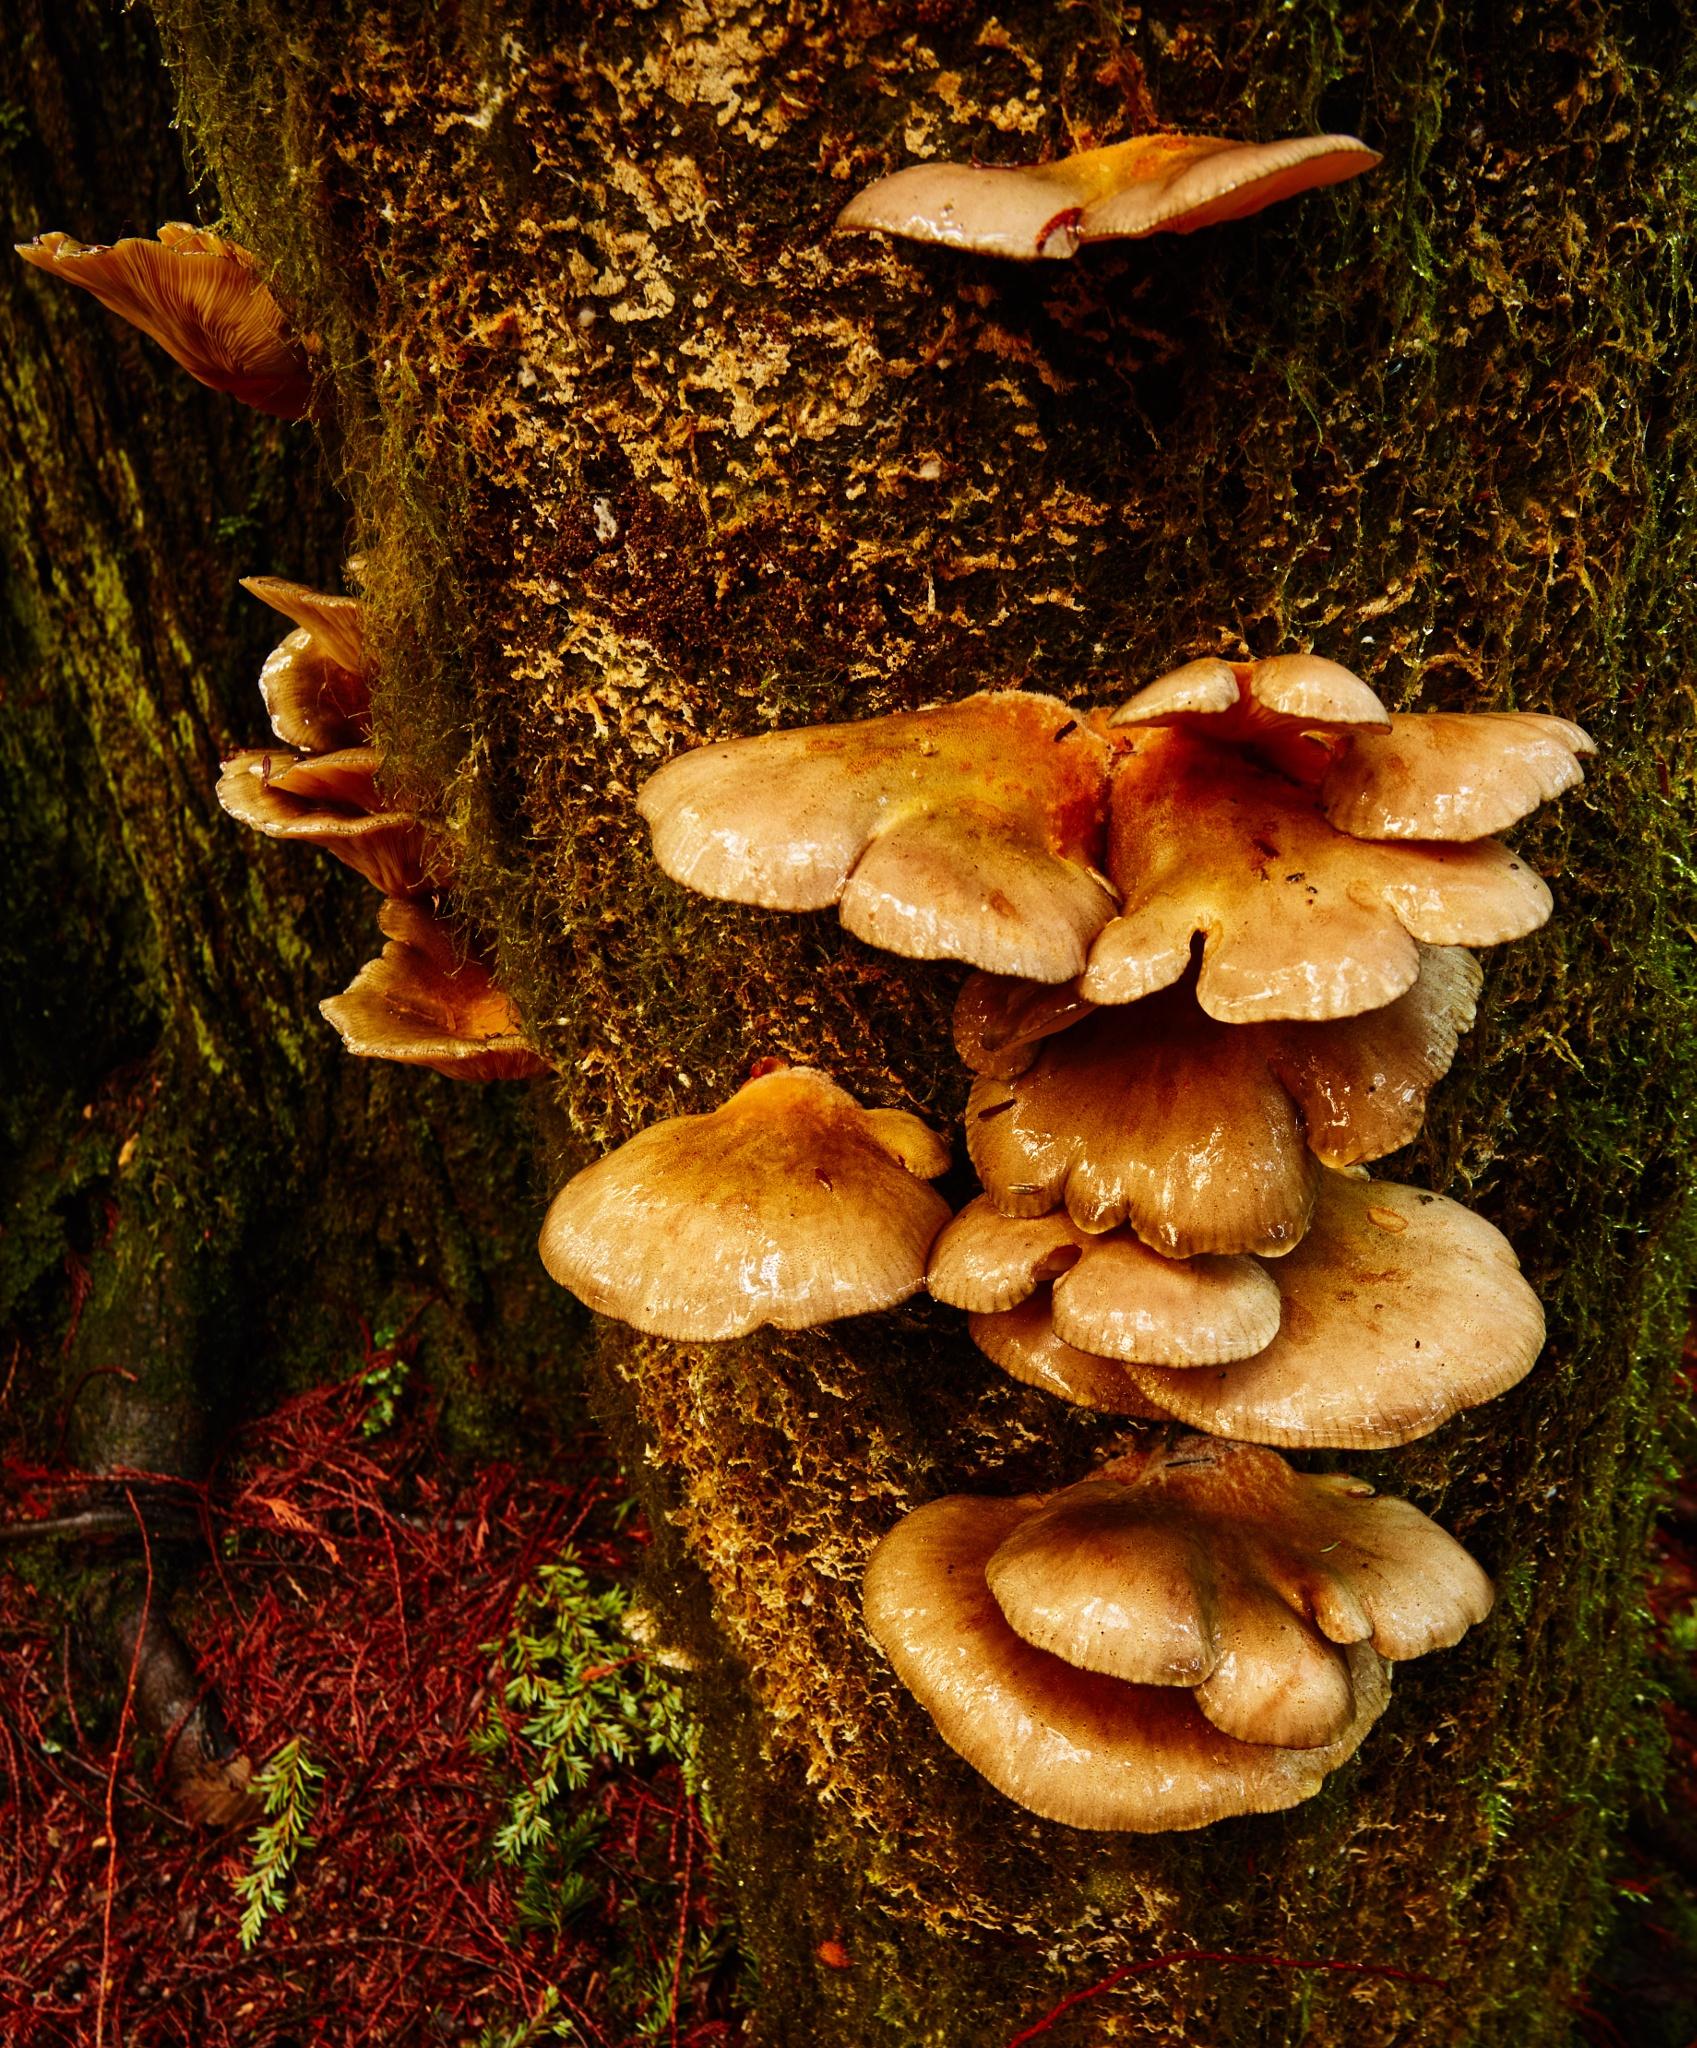 Fungi by Greg Mullaly